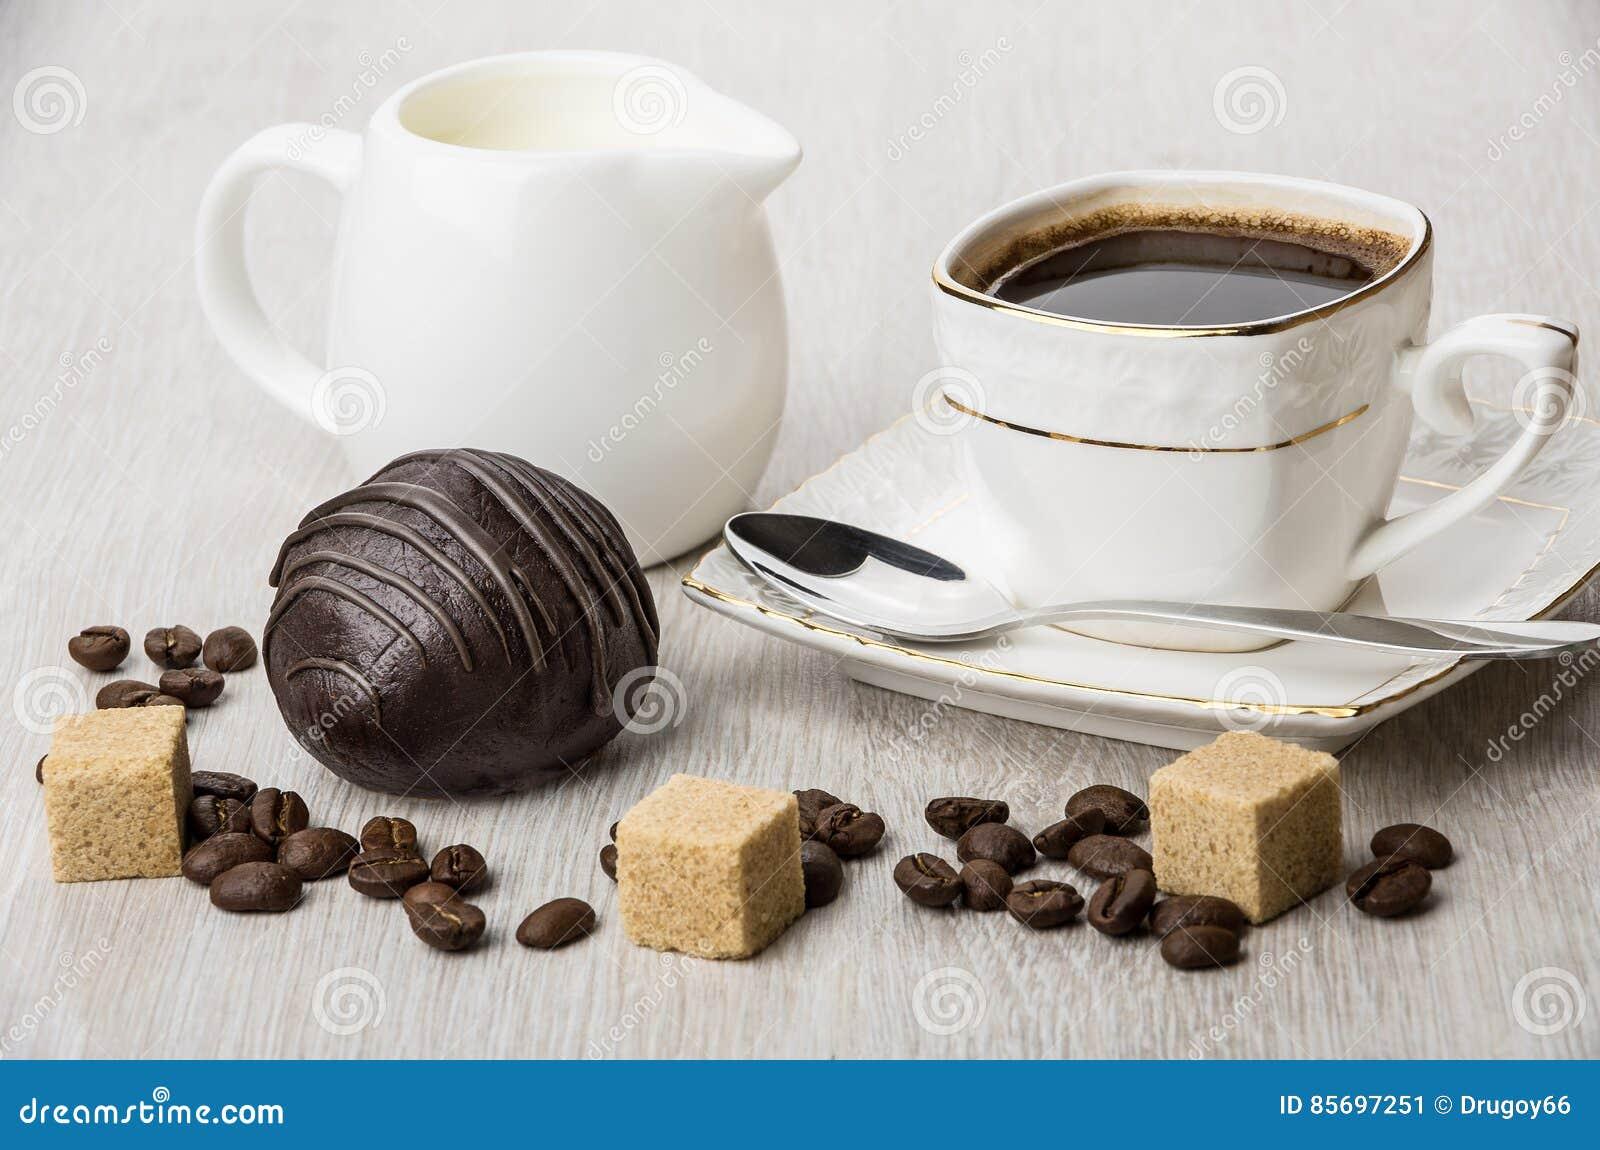 Шоколадный торт, молоко кувшина, части сахара и кофейная чашка